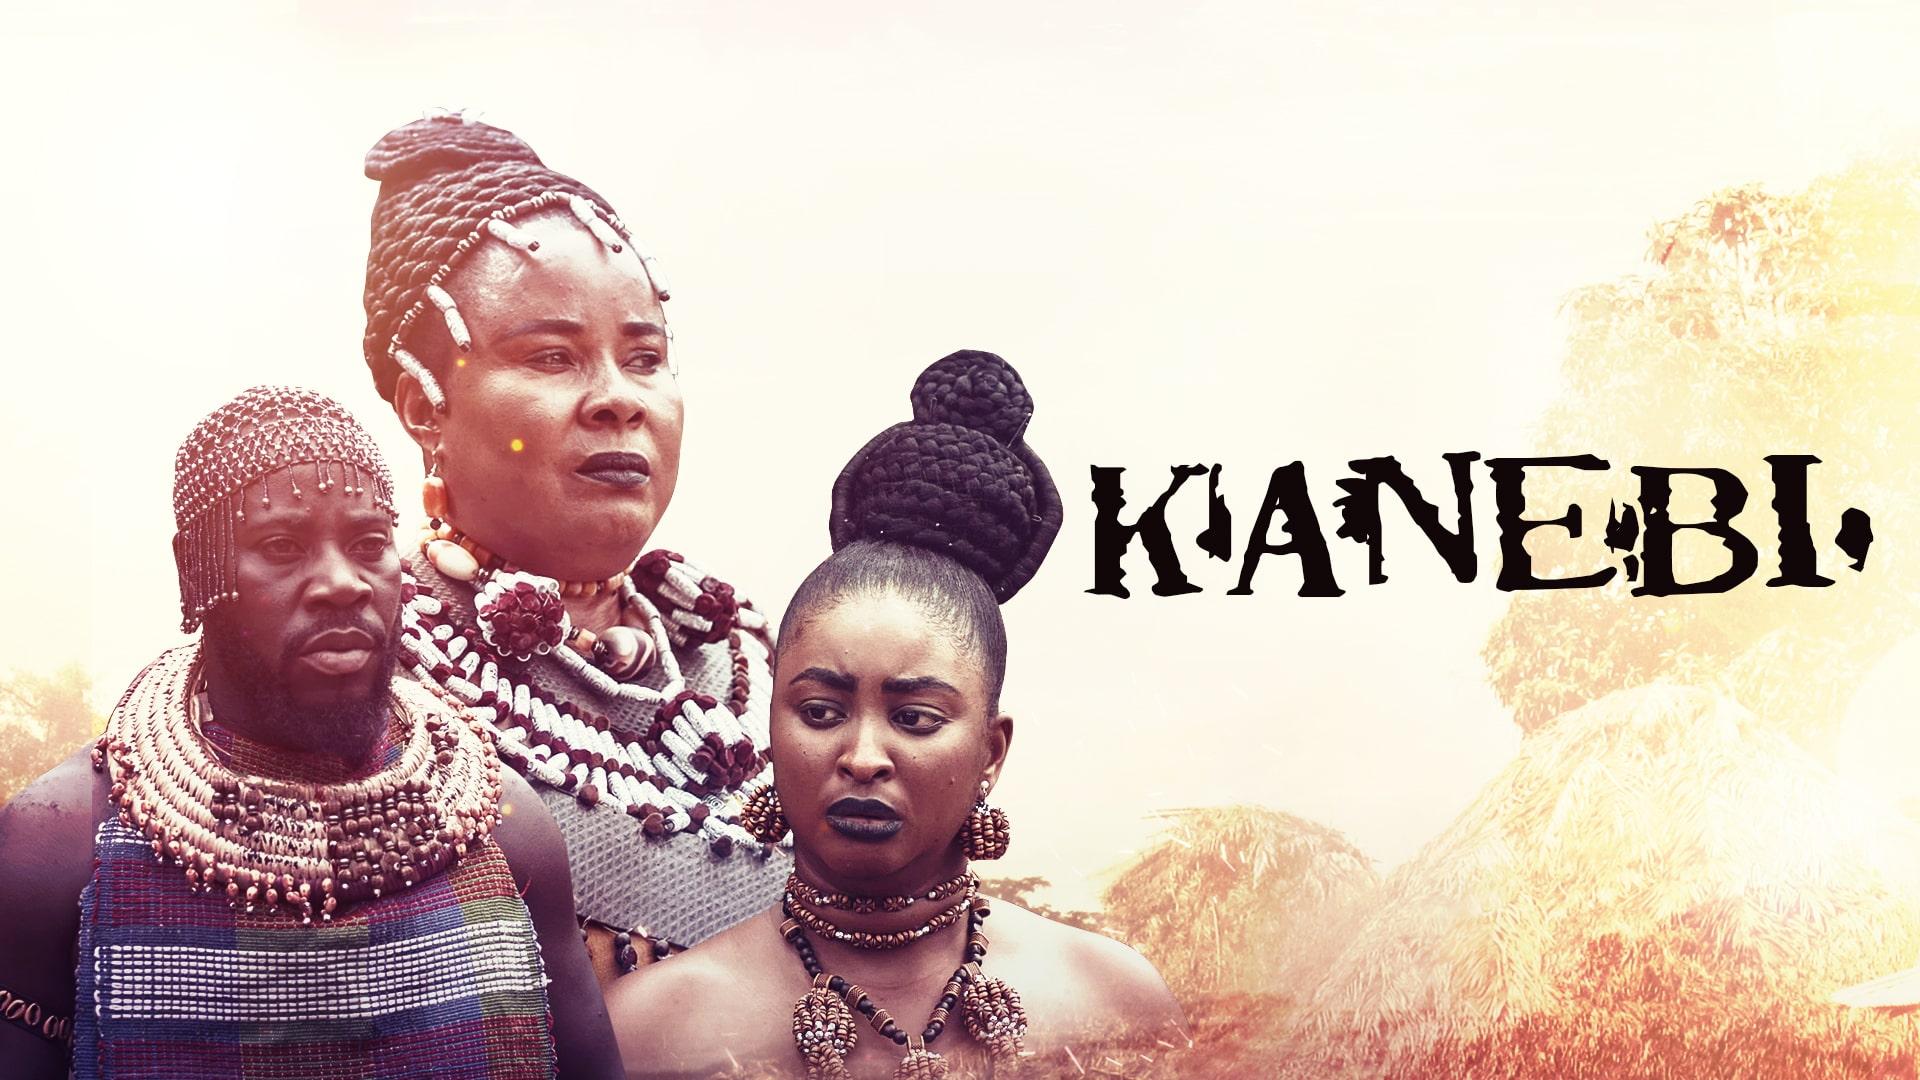 Kanebi